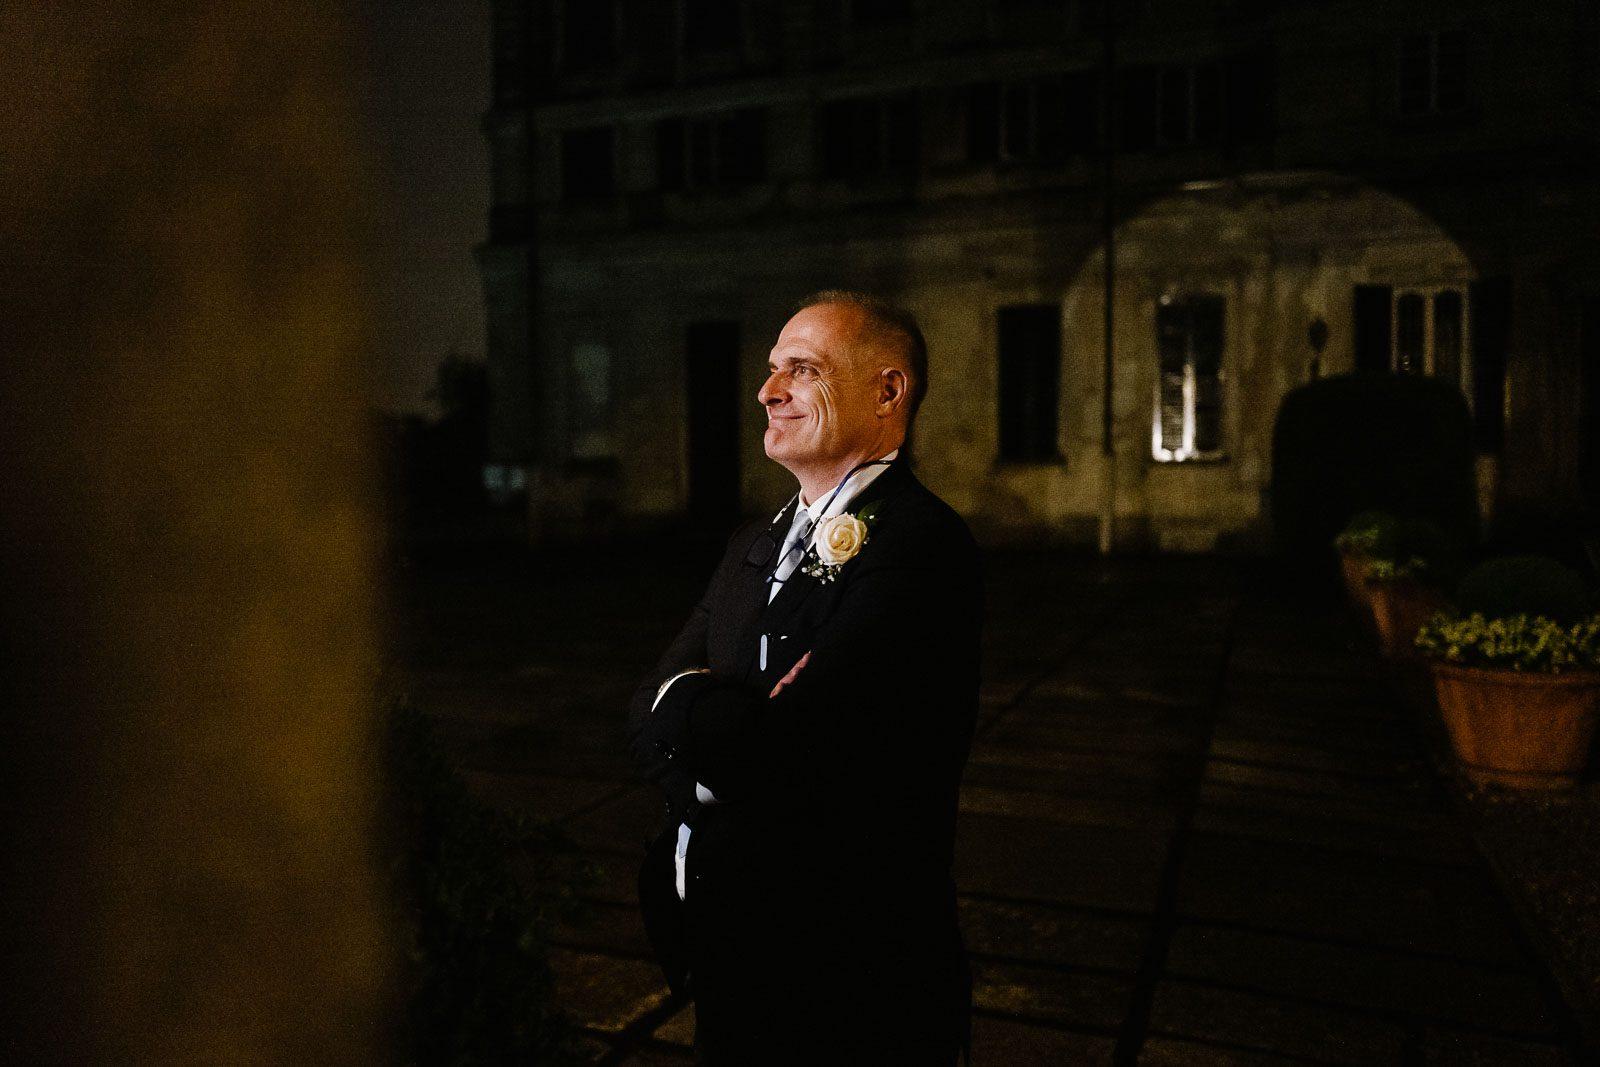 Il padre della sposa in primo piano. Max Allegritti, Fotografo Professionista di matrimonio a Milano e Monza